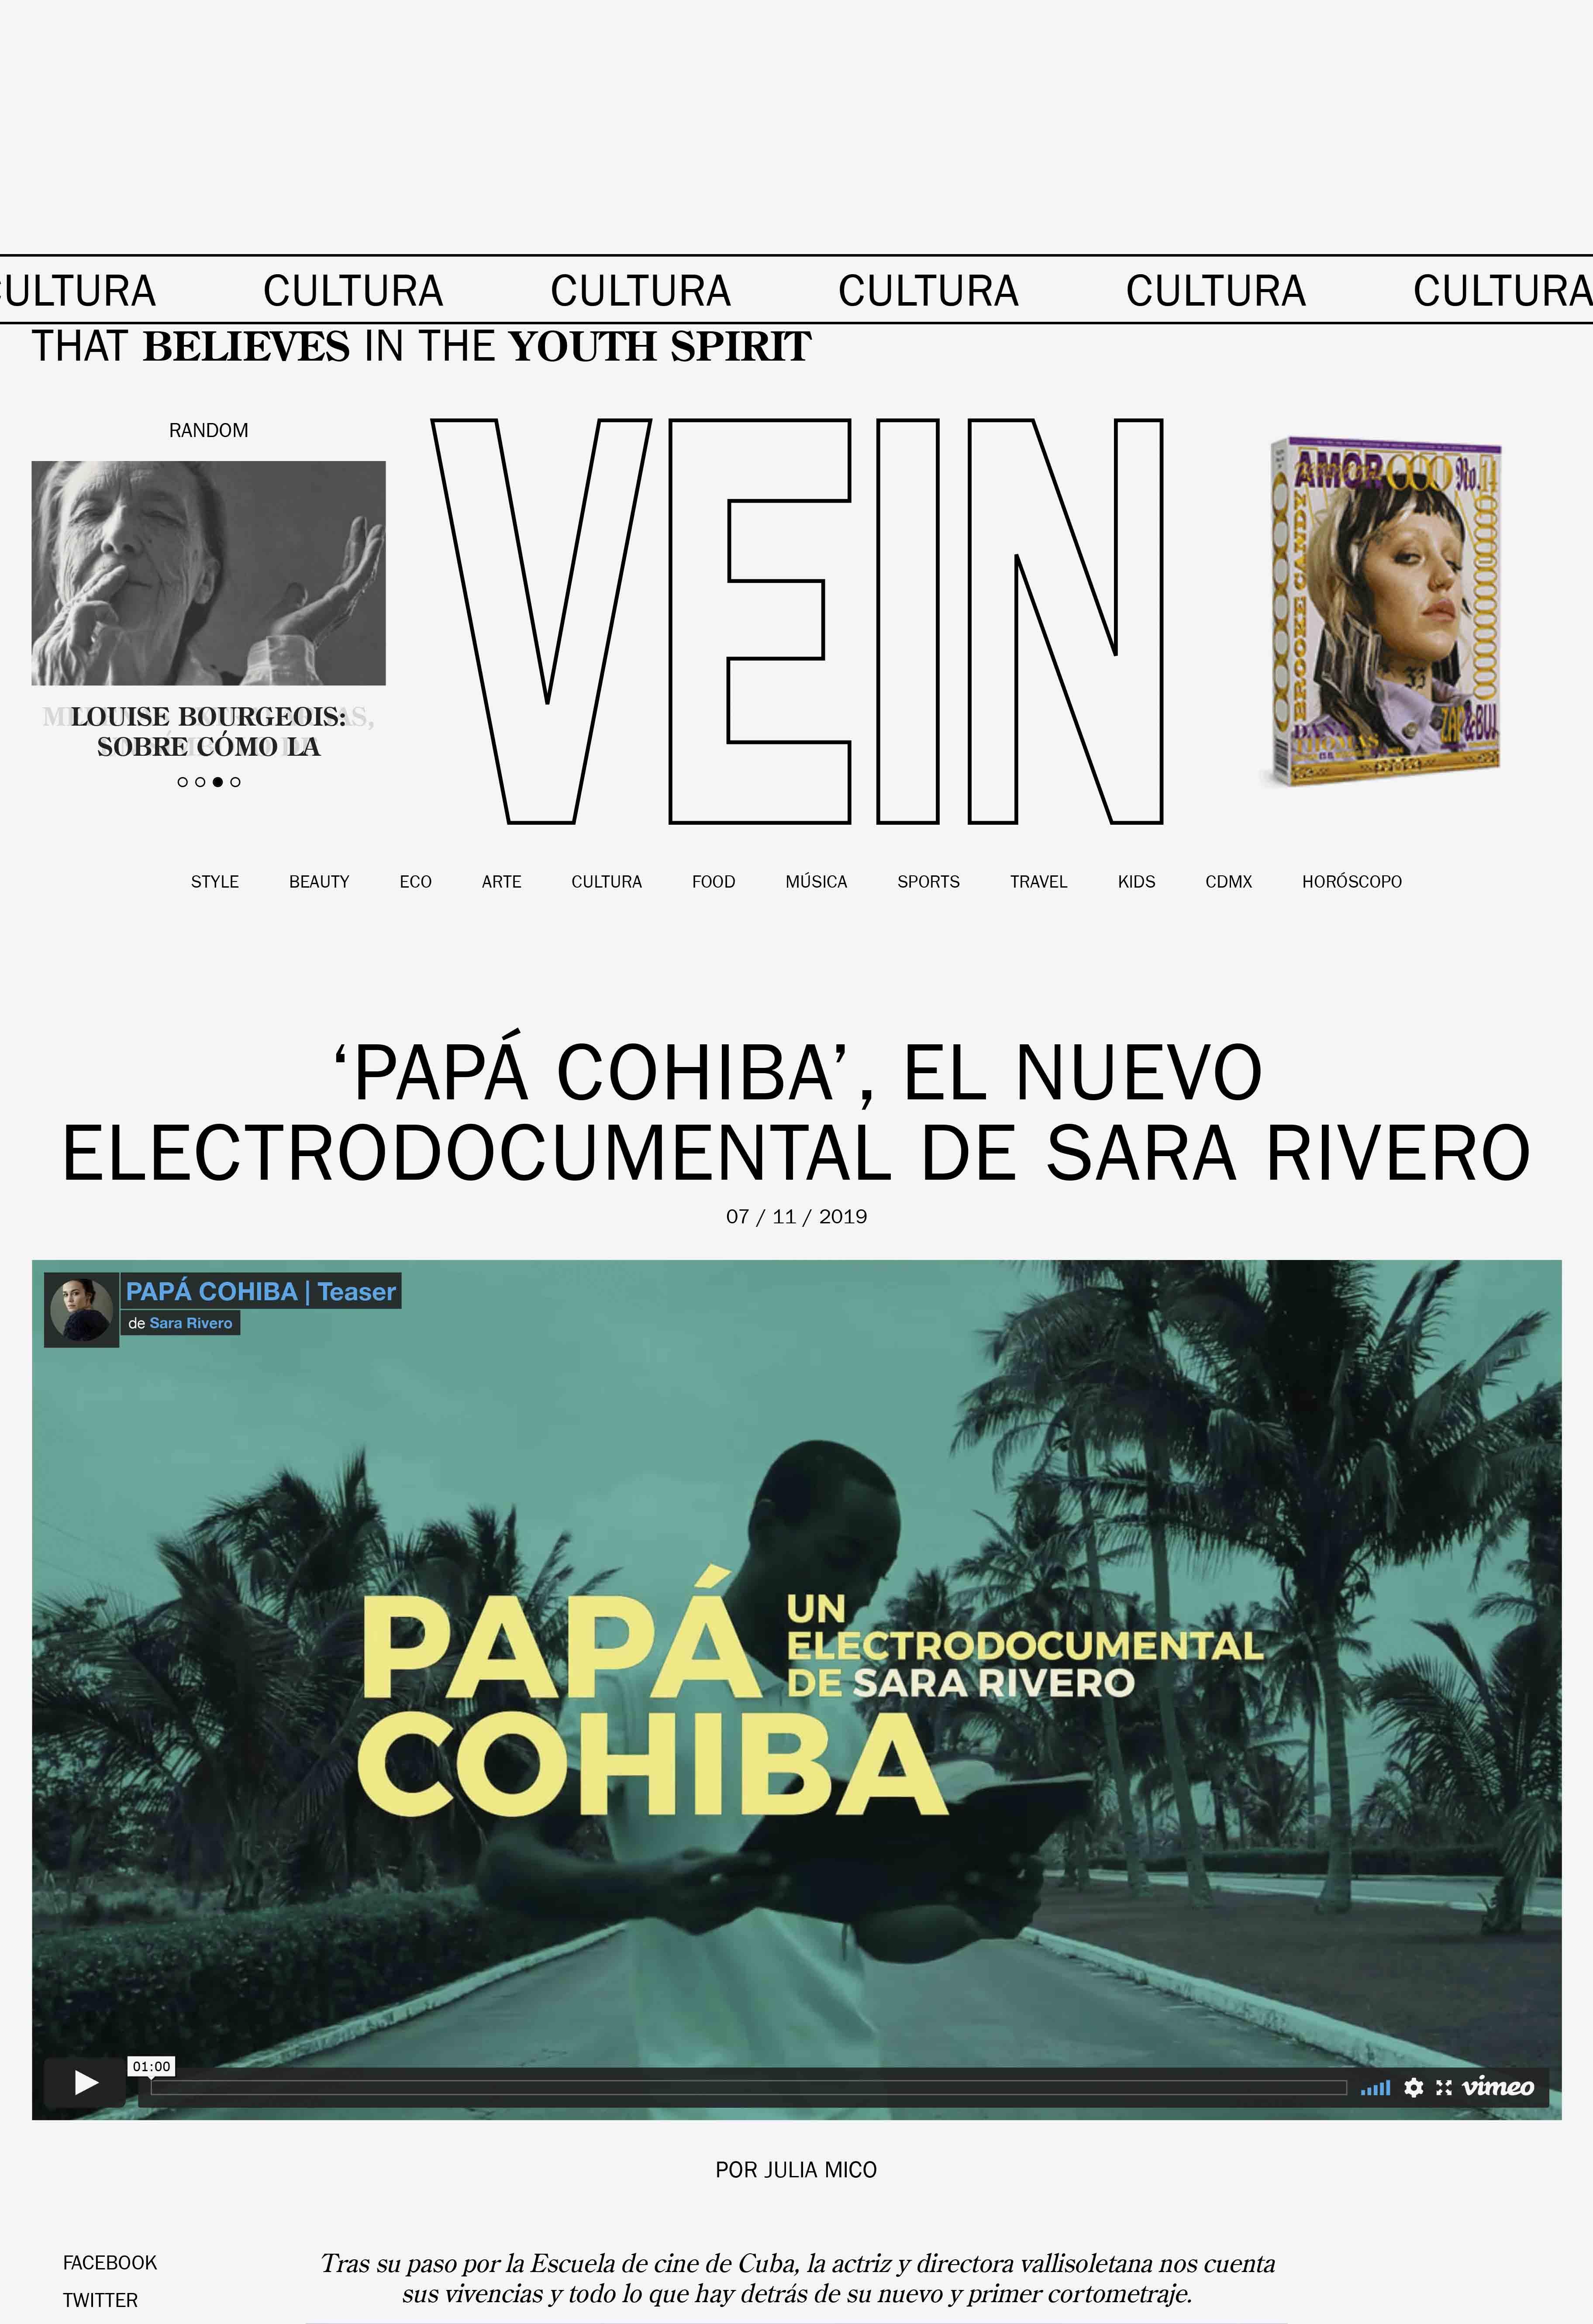 Papá Cohiba, el nuevo eléctrodocumental de Sara Rivero.